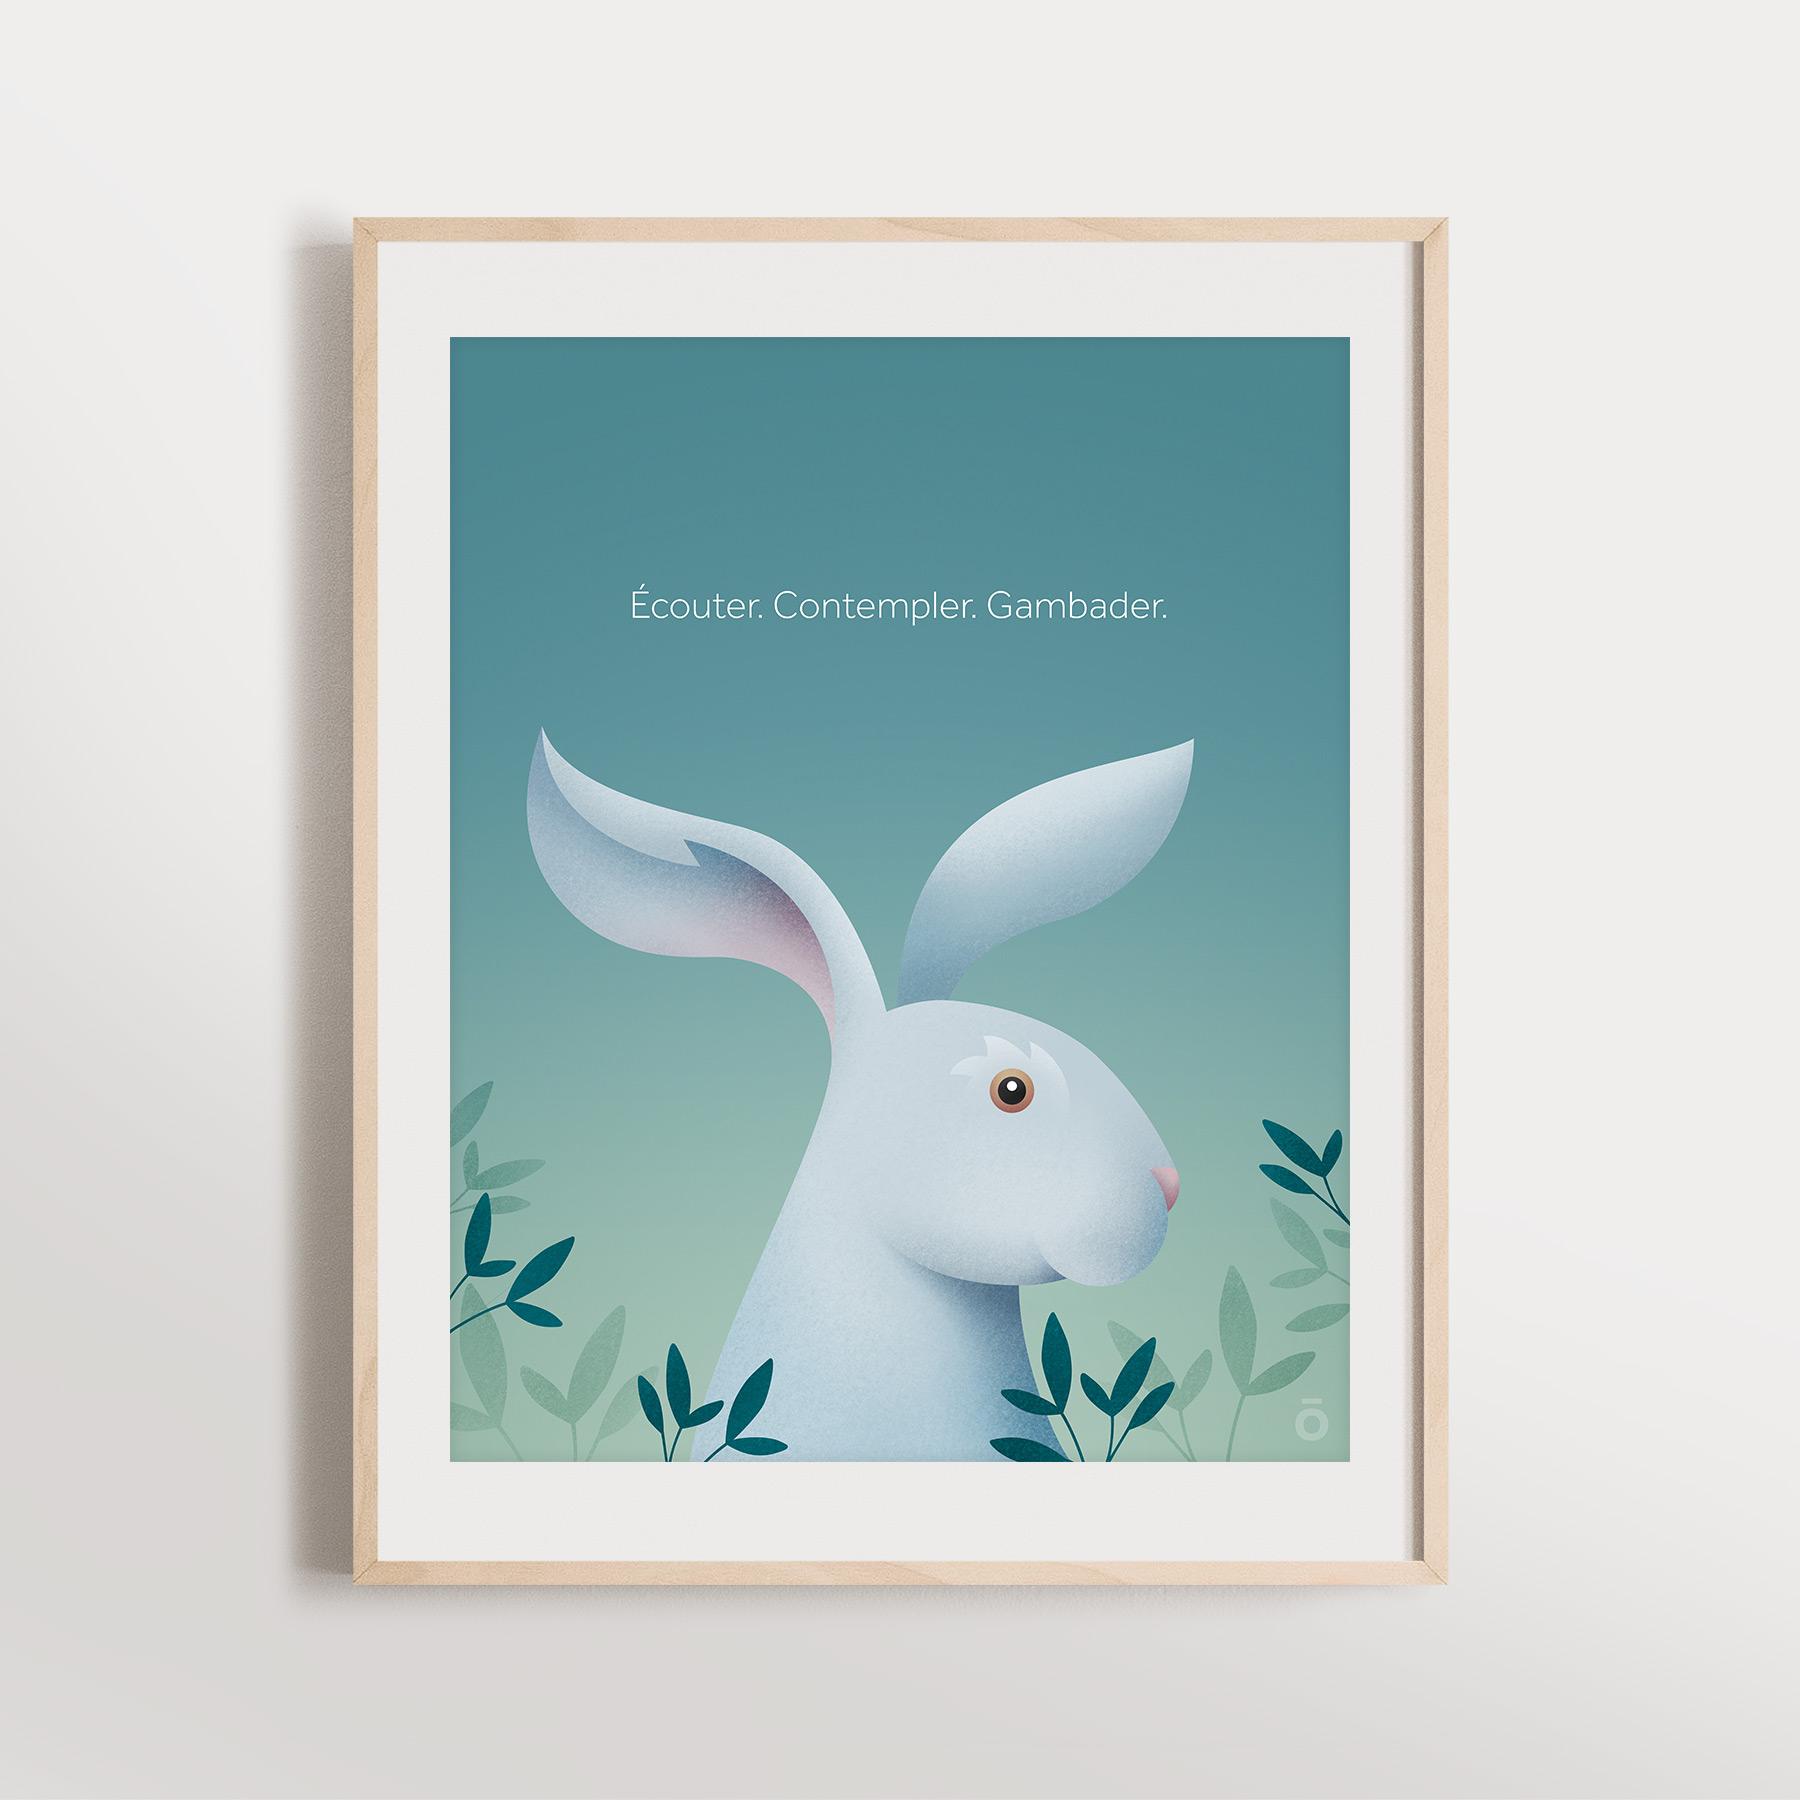 Affiche – Lièvre charmant (Doux matin)